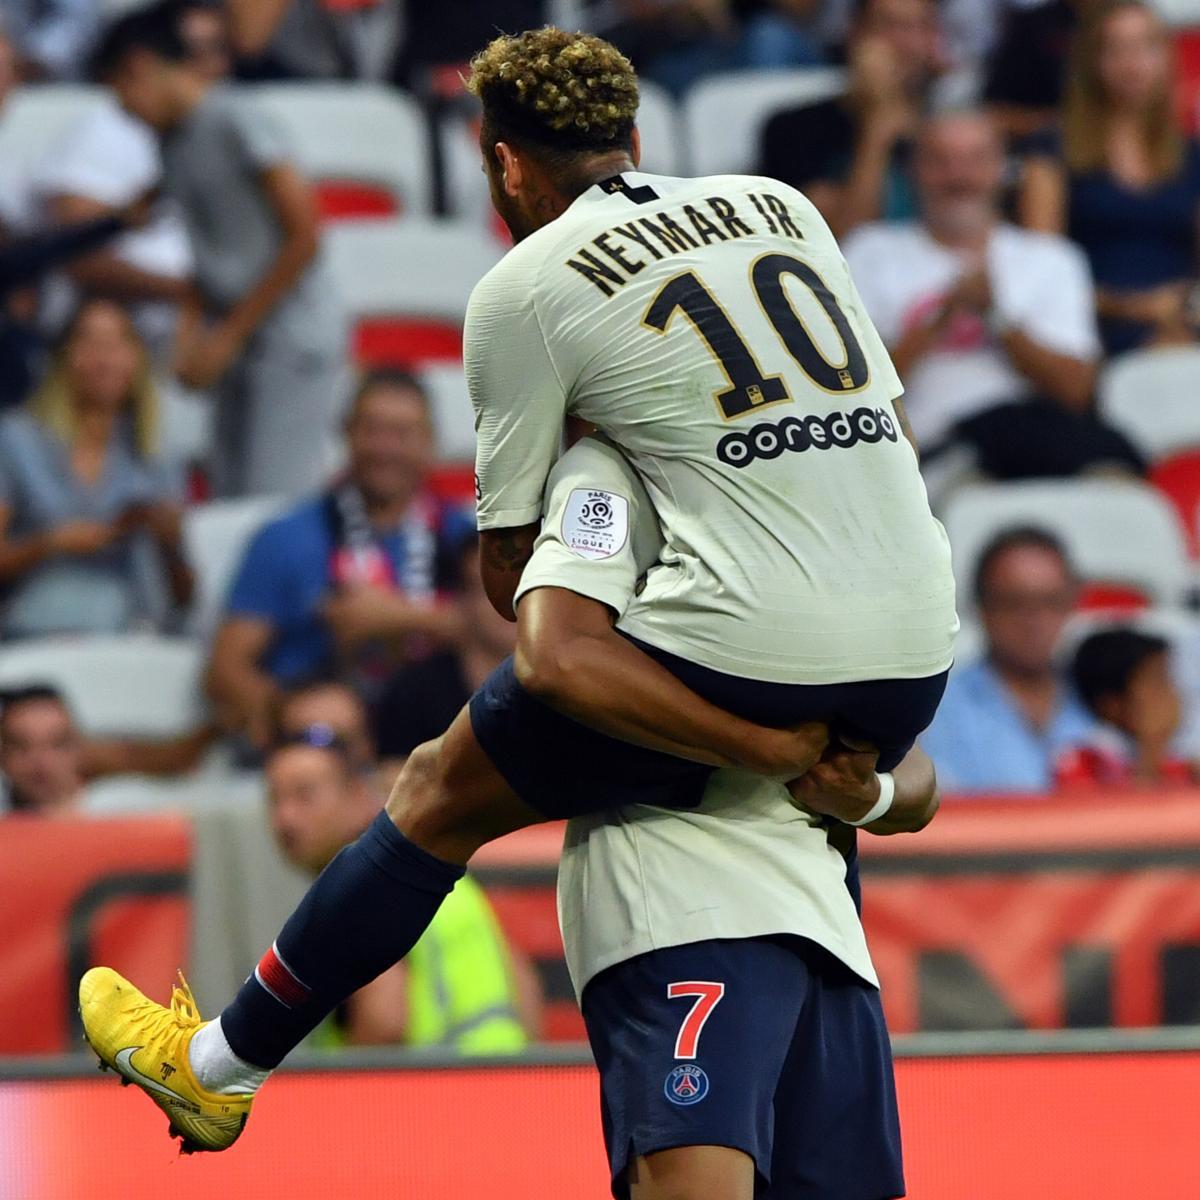 Bastia 0 3 Psg Match Report: PSG Vs. Red Star Belgrade: Odds, Preview, Live Stream, TV